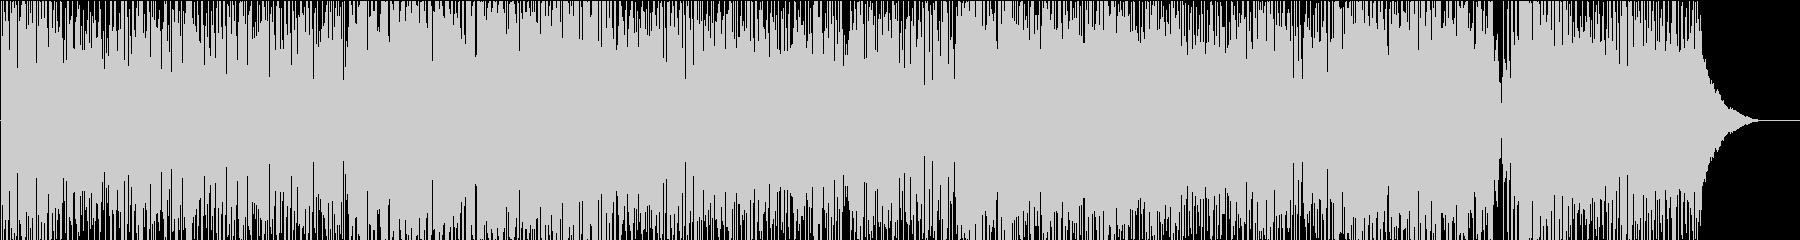 ドレスコードの未再生の波形